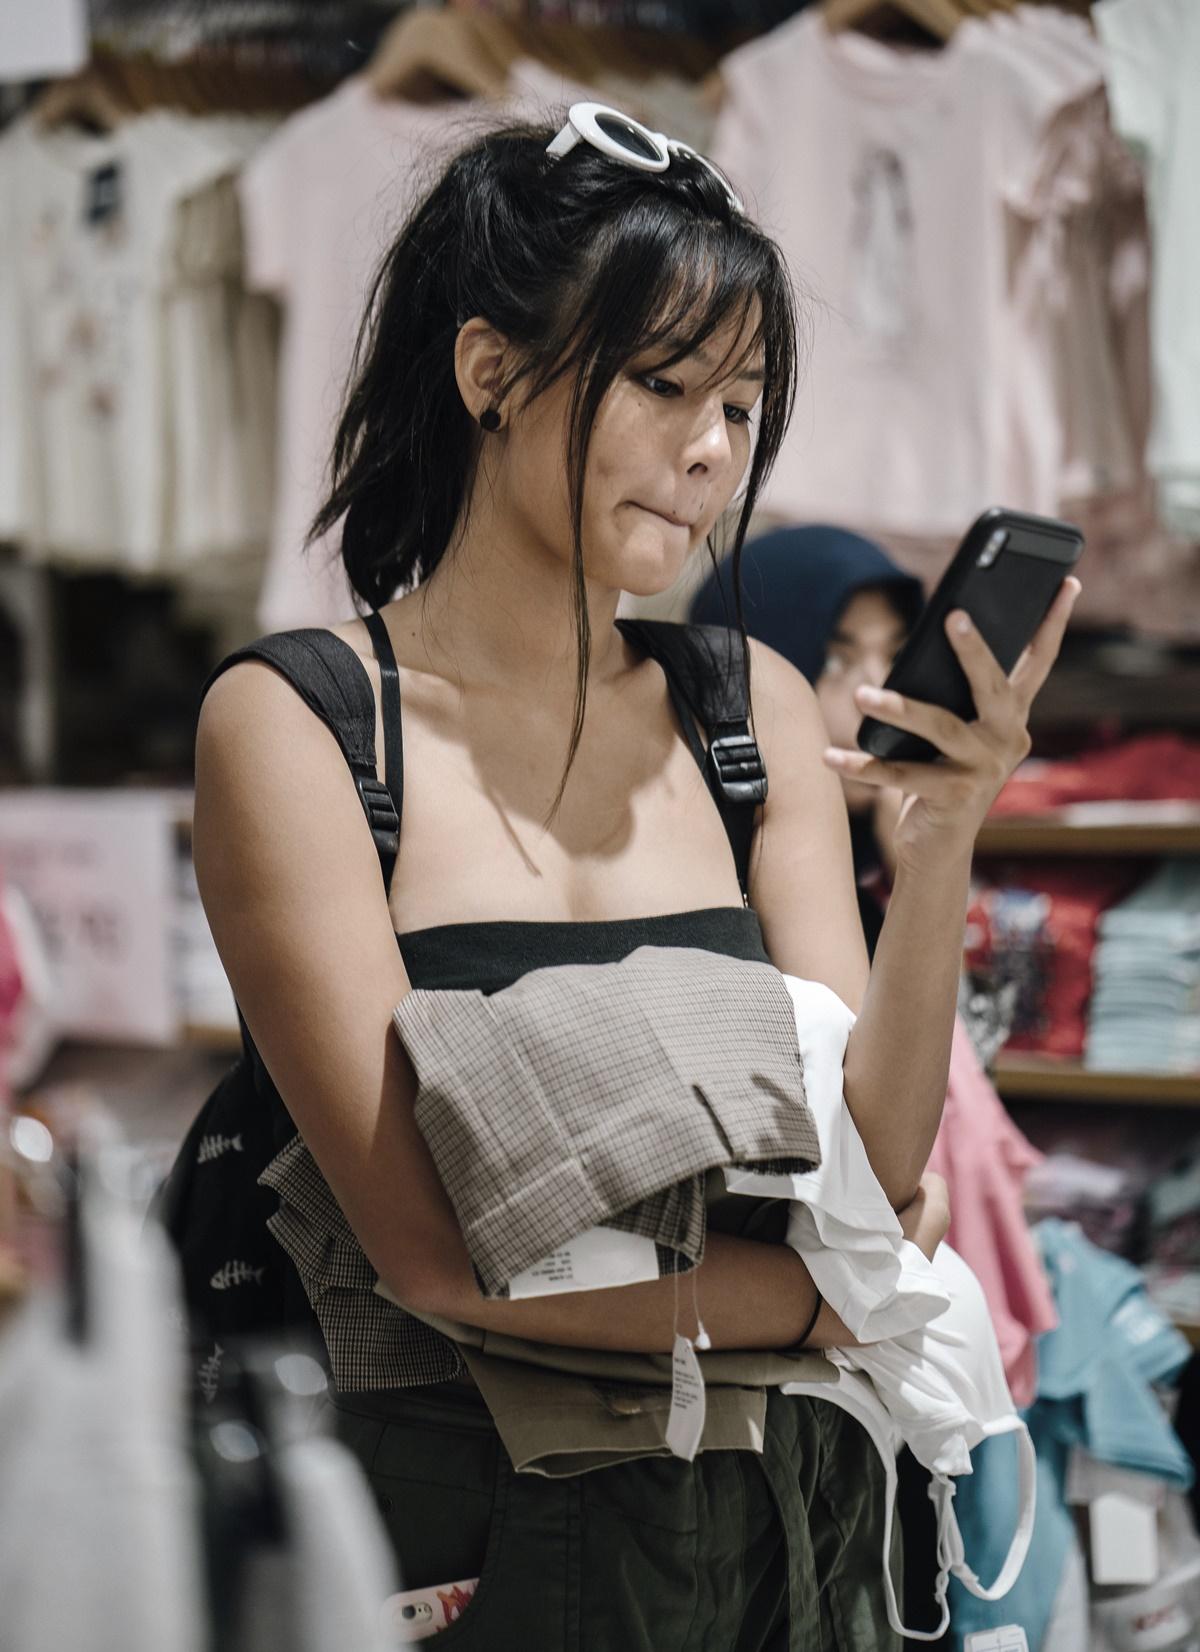 compras-compulsivas-oniomania